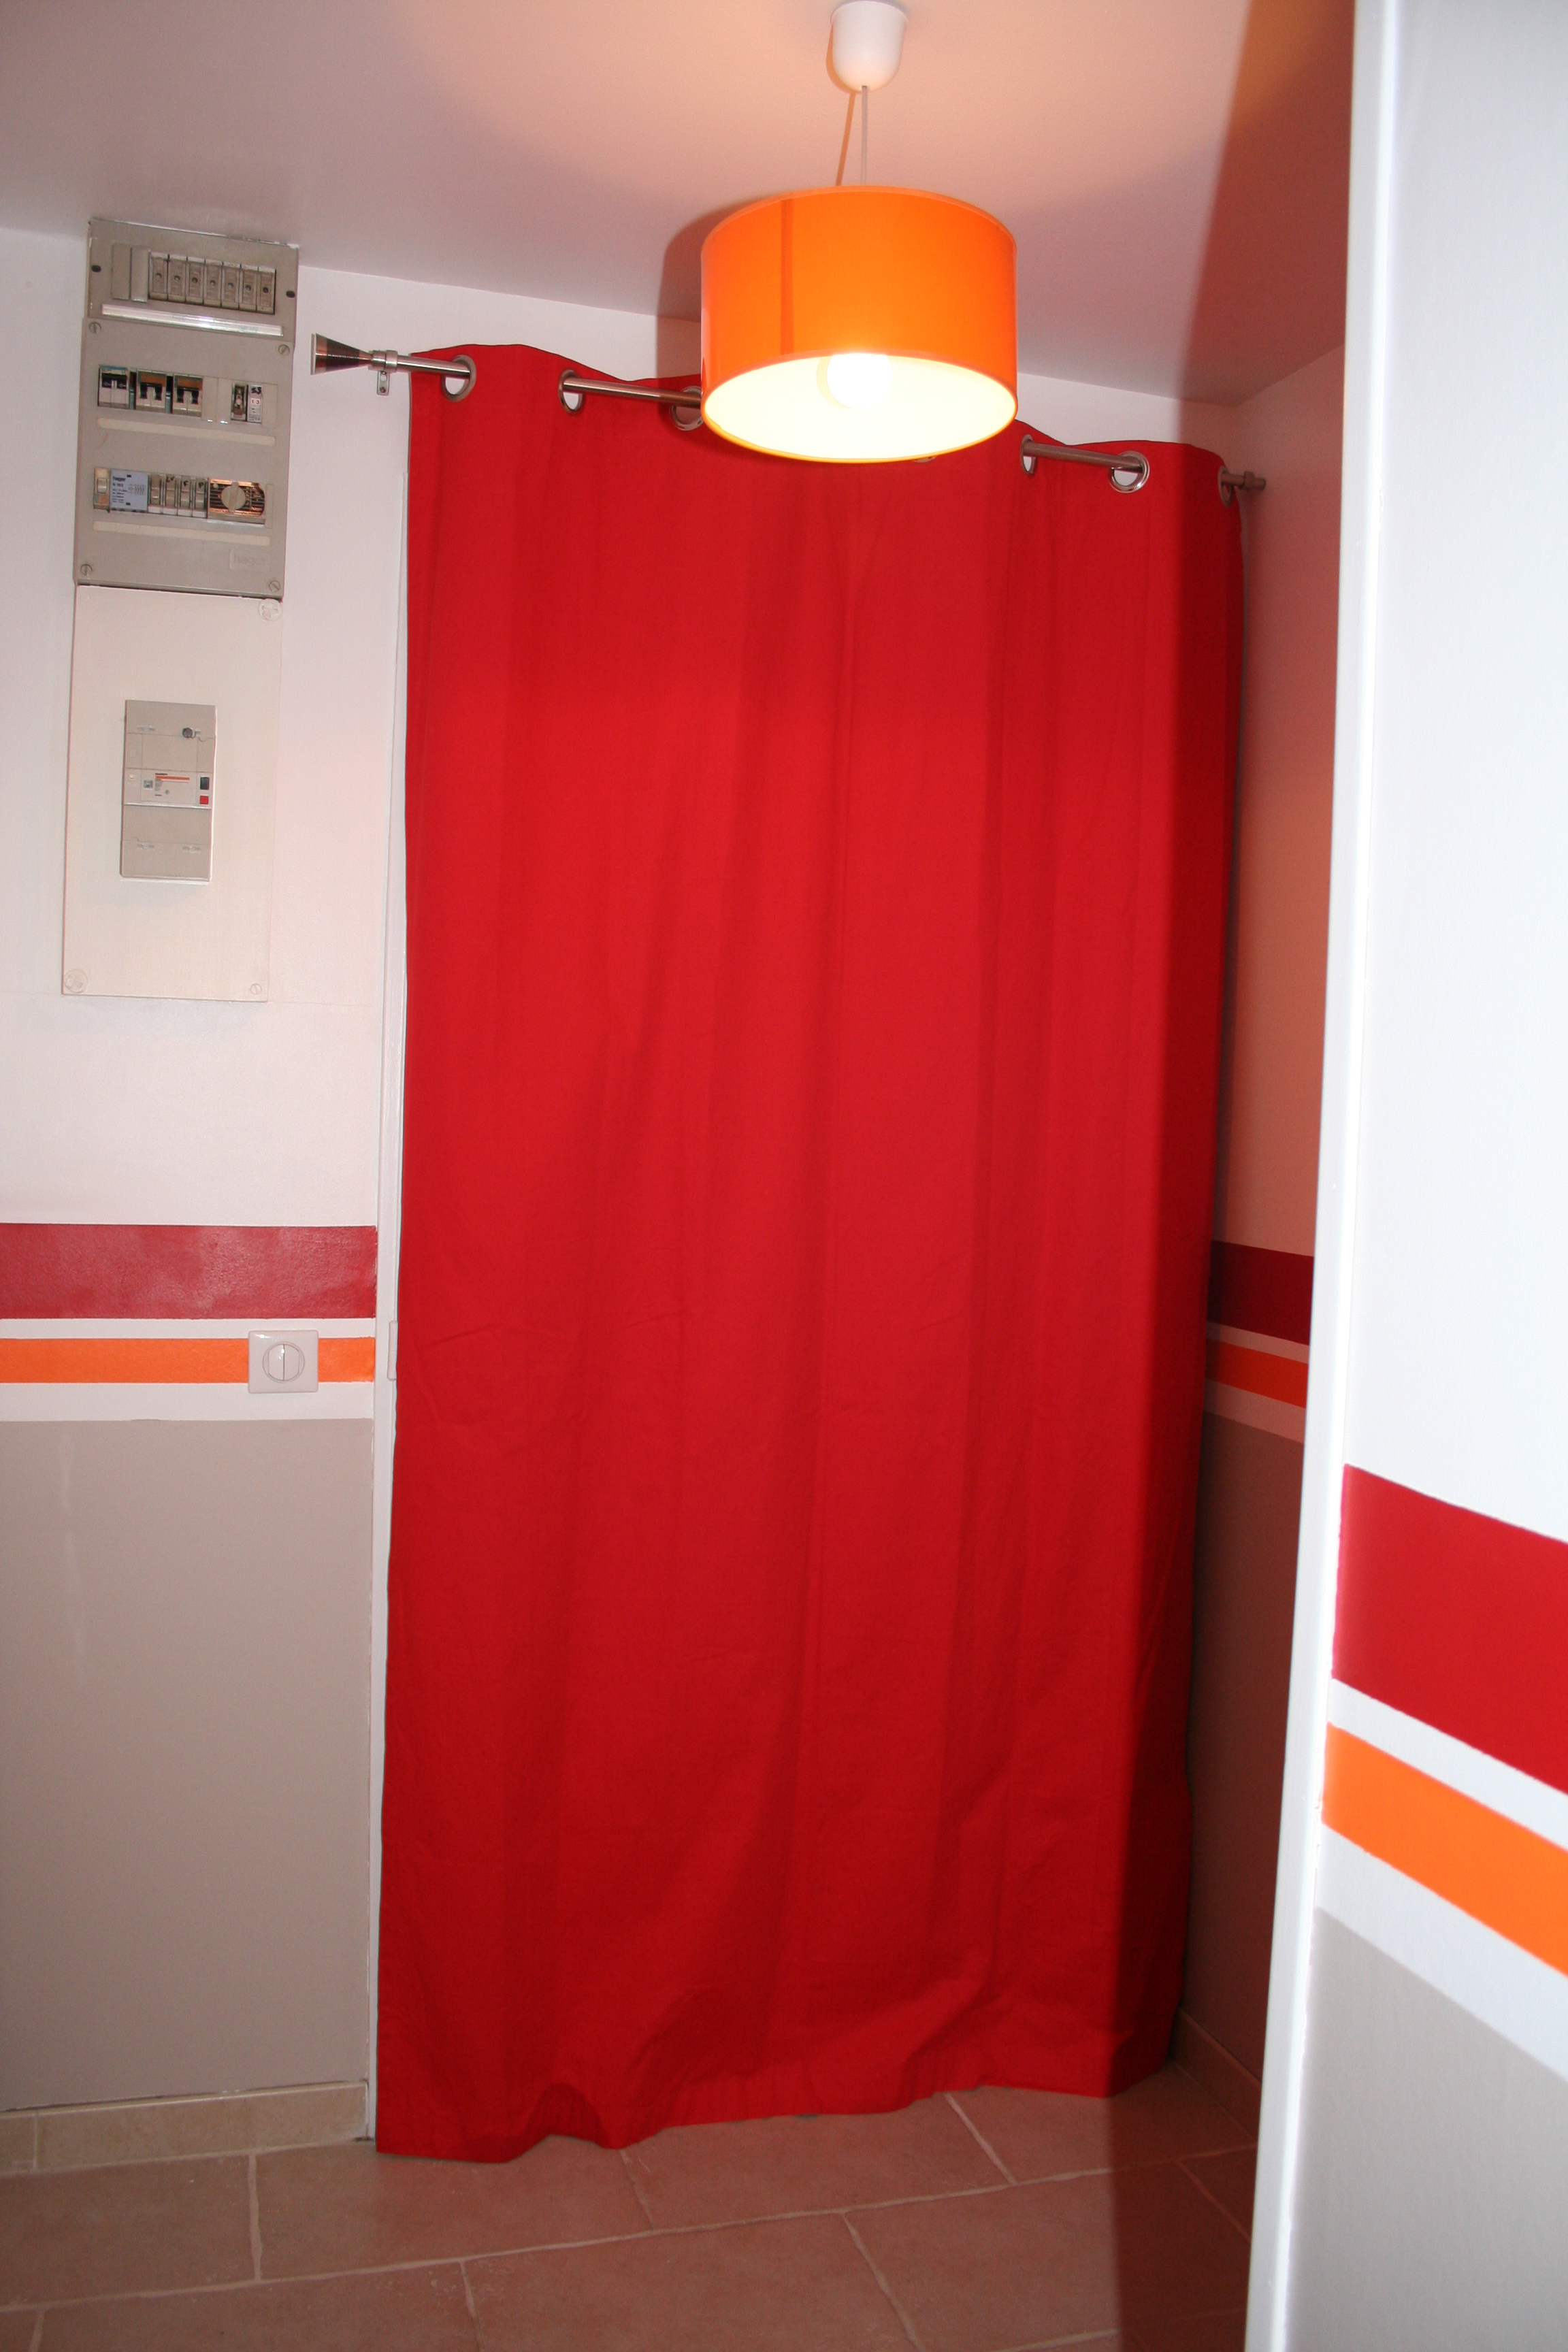 Entrée Et Couloir (Photo 2/4) - Un Rideau Rouge Pour tout Rideau De Porte D Entrée Exterieure